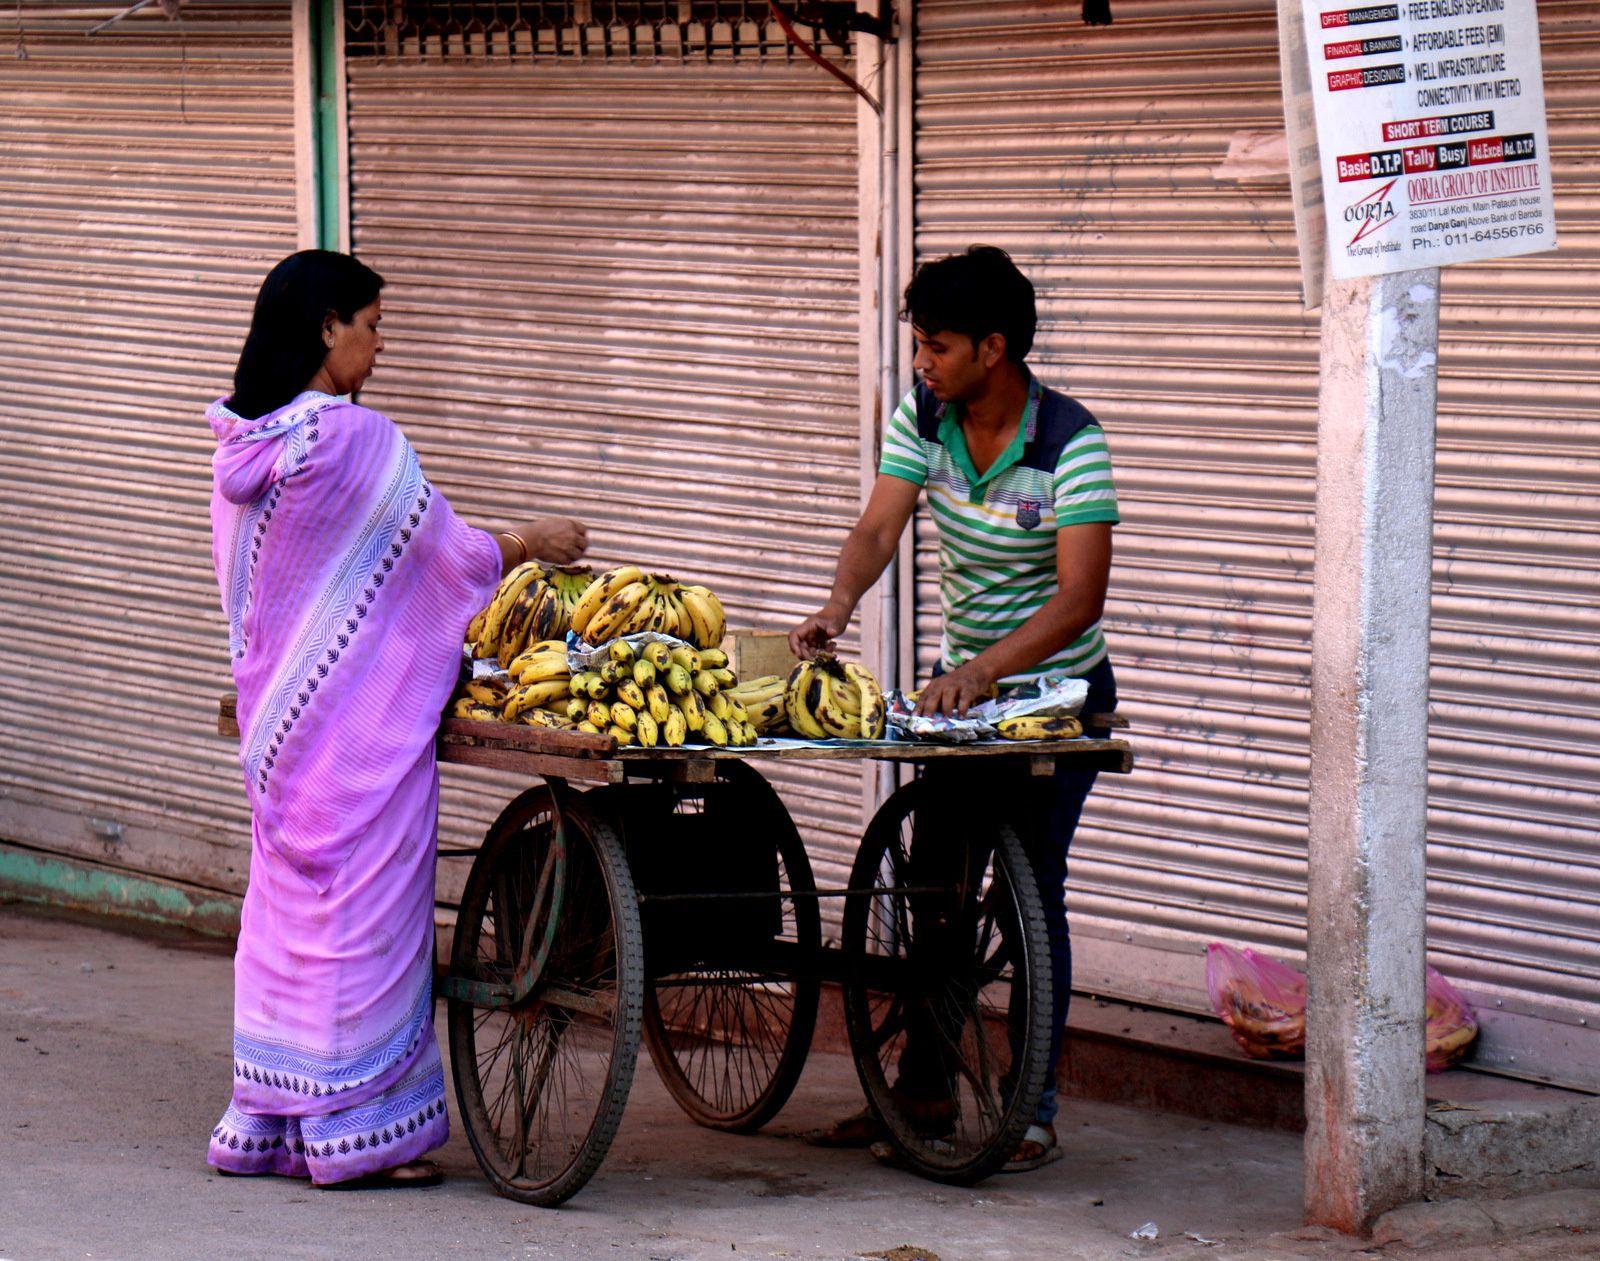 Dans les rues de Delhi, marchands et marchandises